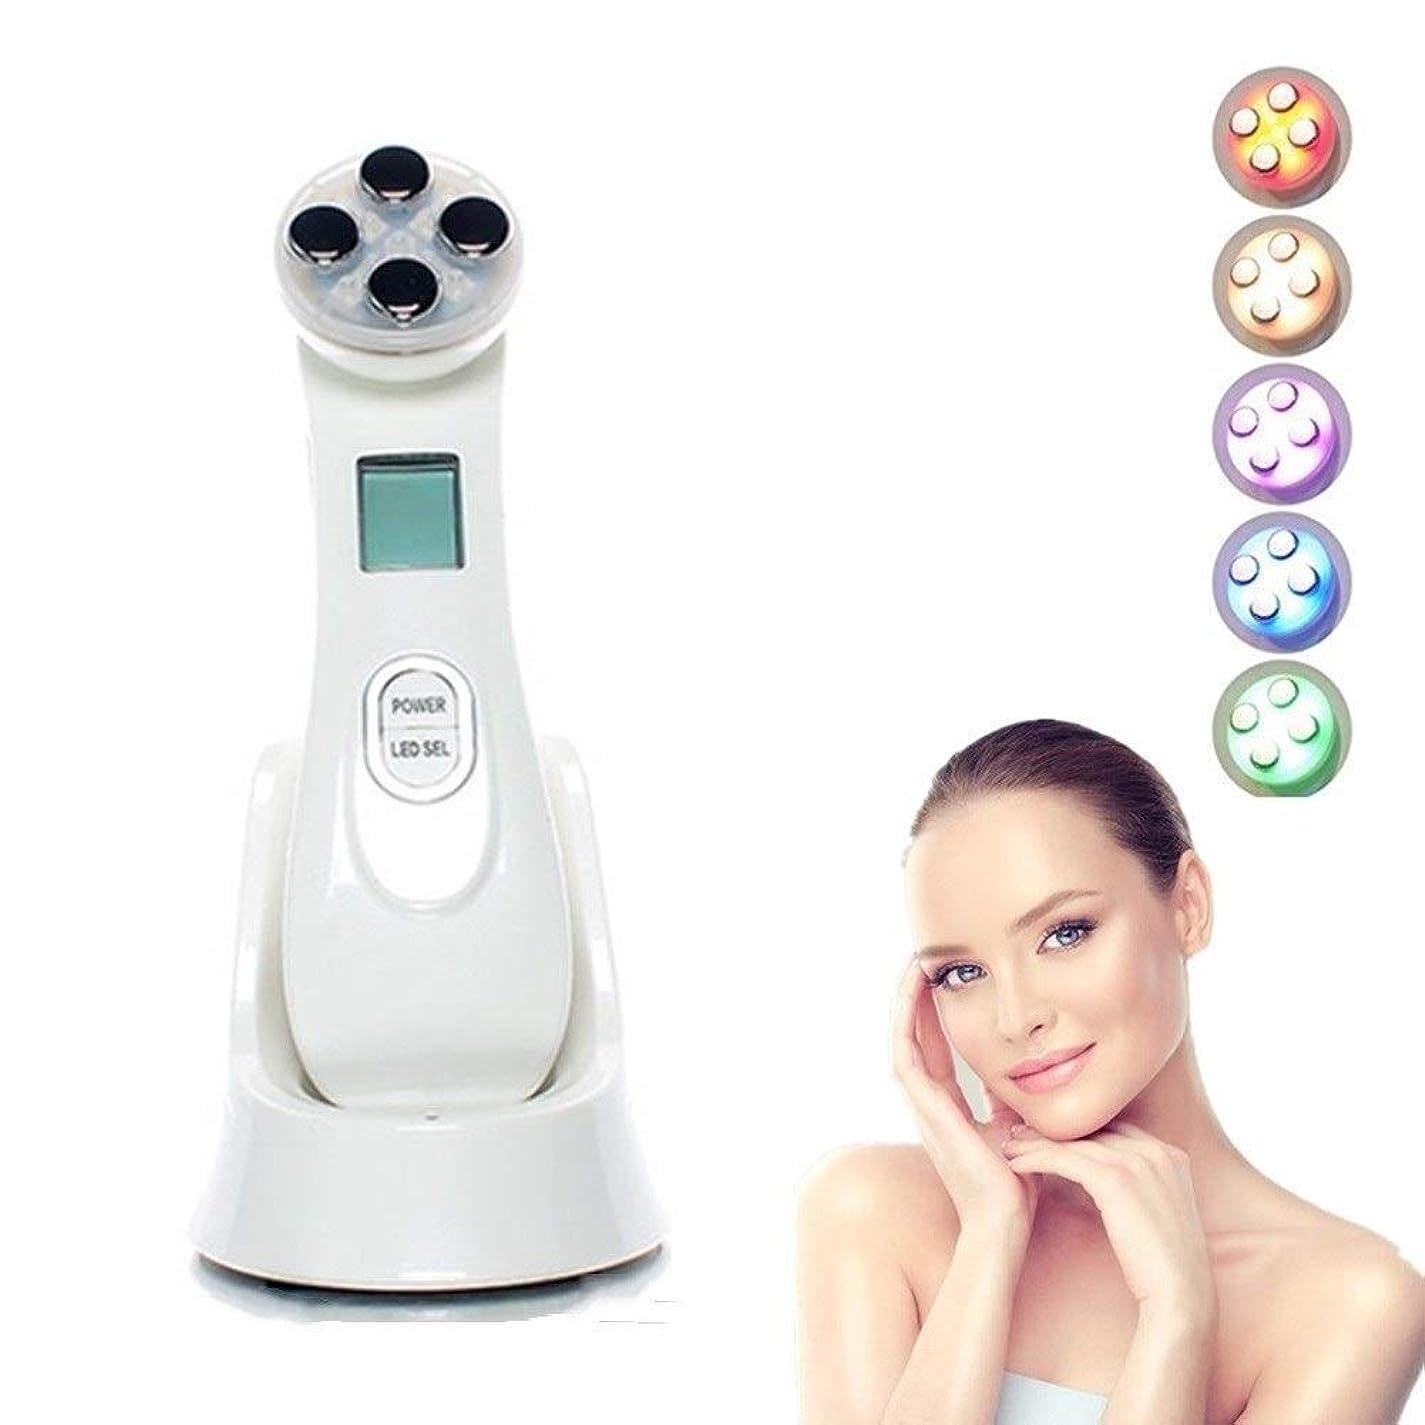 利点推定鋼しわの取り外しを白くする美の器械、顔機械および1つの赤いLED光線療法に付き5つおよび6つのモード顔のマッサージャーのスキンケアの顔の洗剤にきびのアンチエイジング